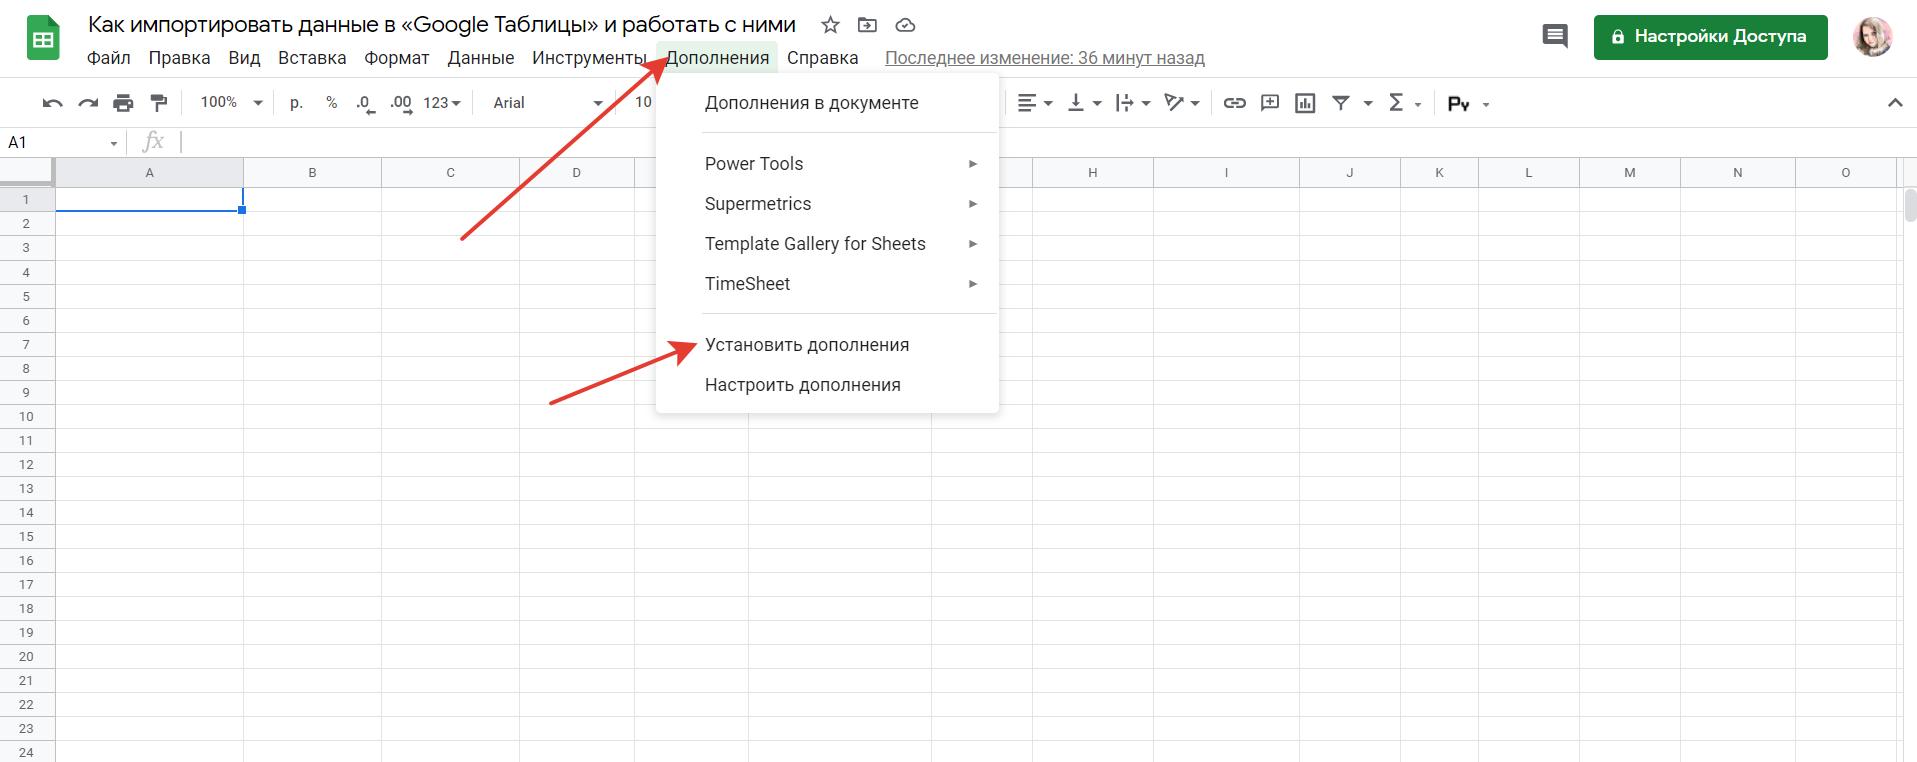 Так устанавливаются все дополнения для «Google Таблиц»